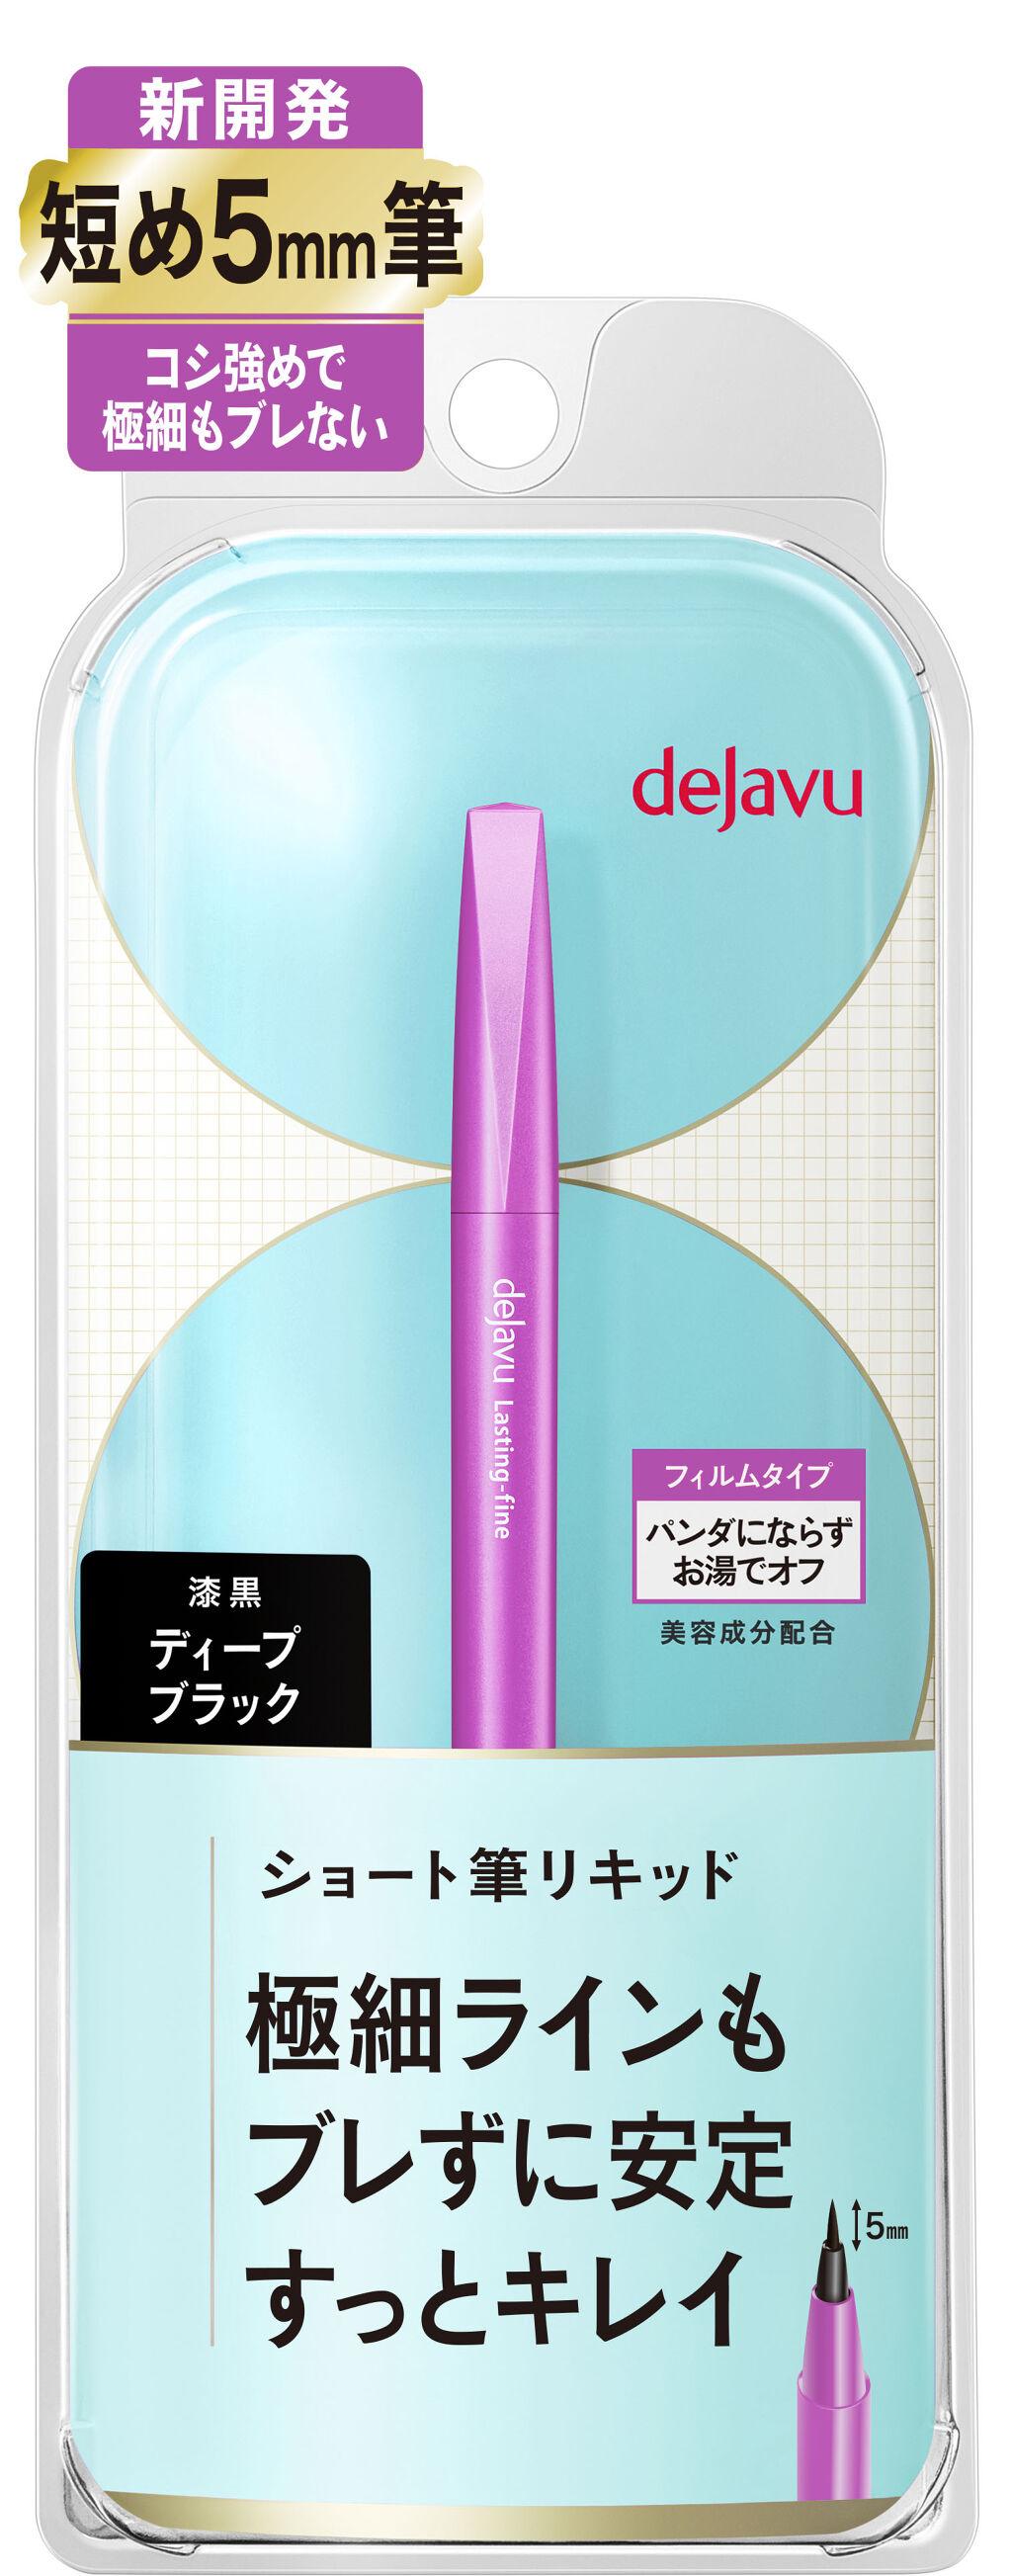 デジャヴュから「密着アイライナー」ショート筆リキッドが新発売!どこまでも極細&ぶれにくく美しい仕上がりに♪(2枚目)